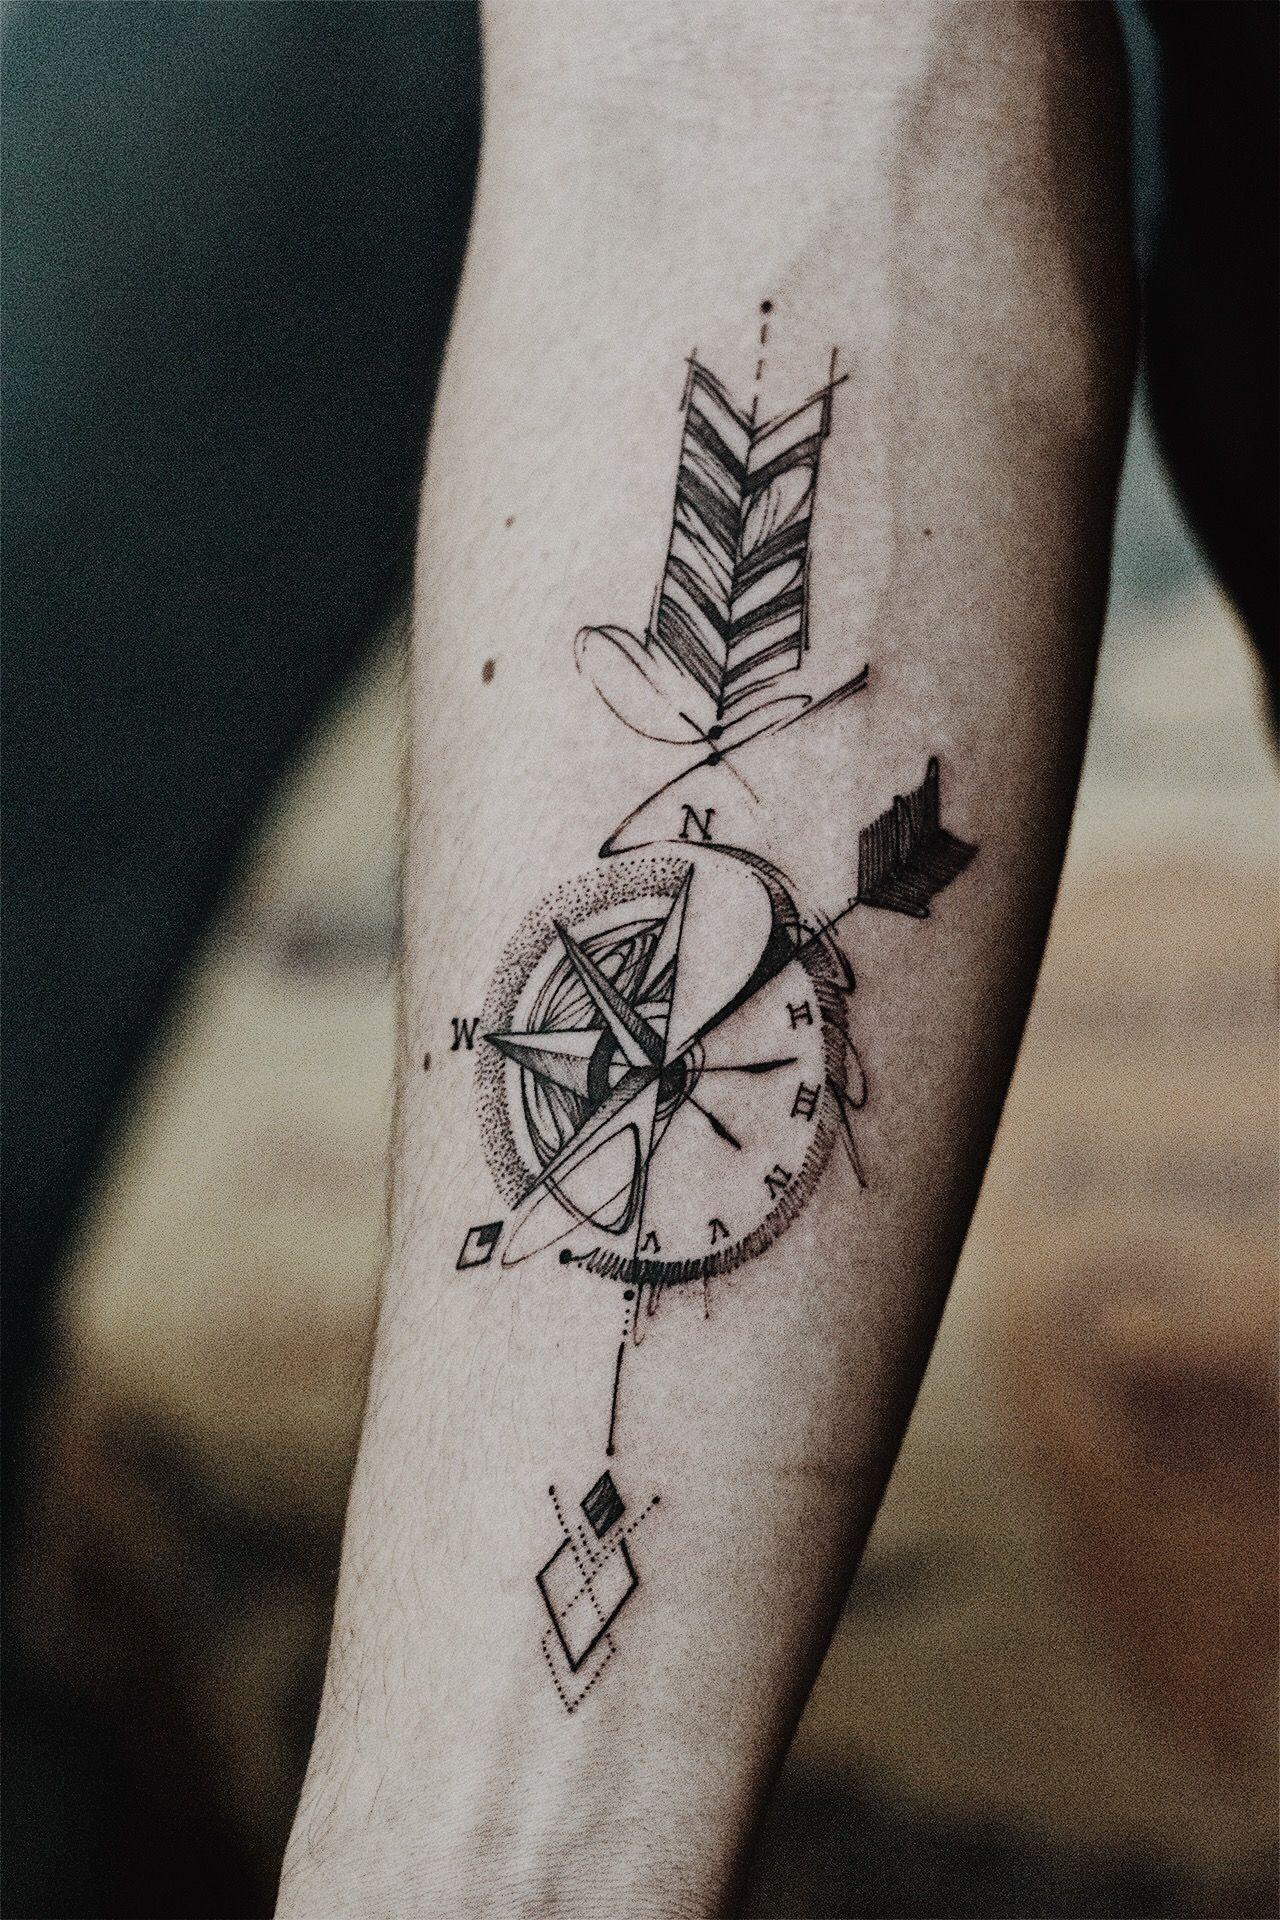 Hình xăm mũi tên cực đẹp ở cánh tay